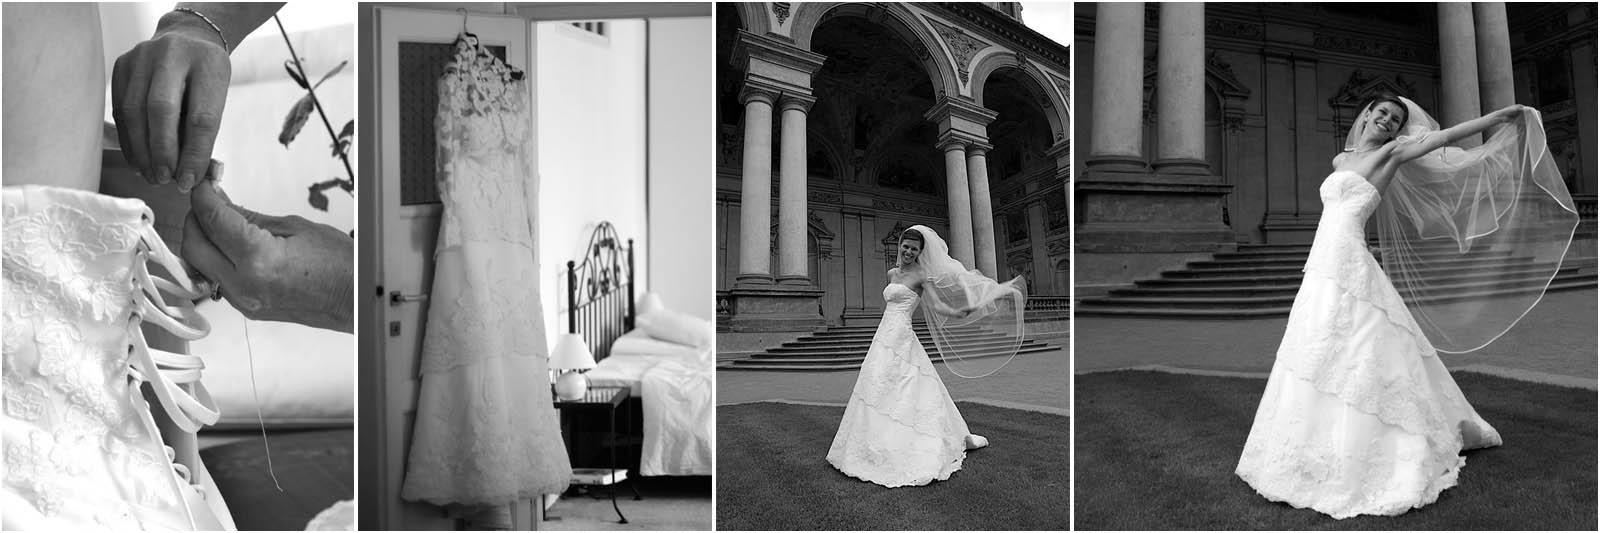 Wedding photo ideas - Obrázok č. 58